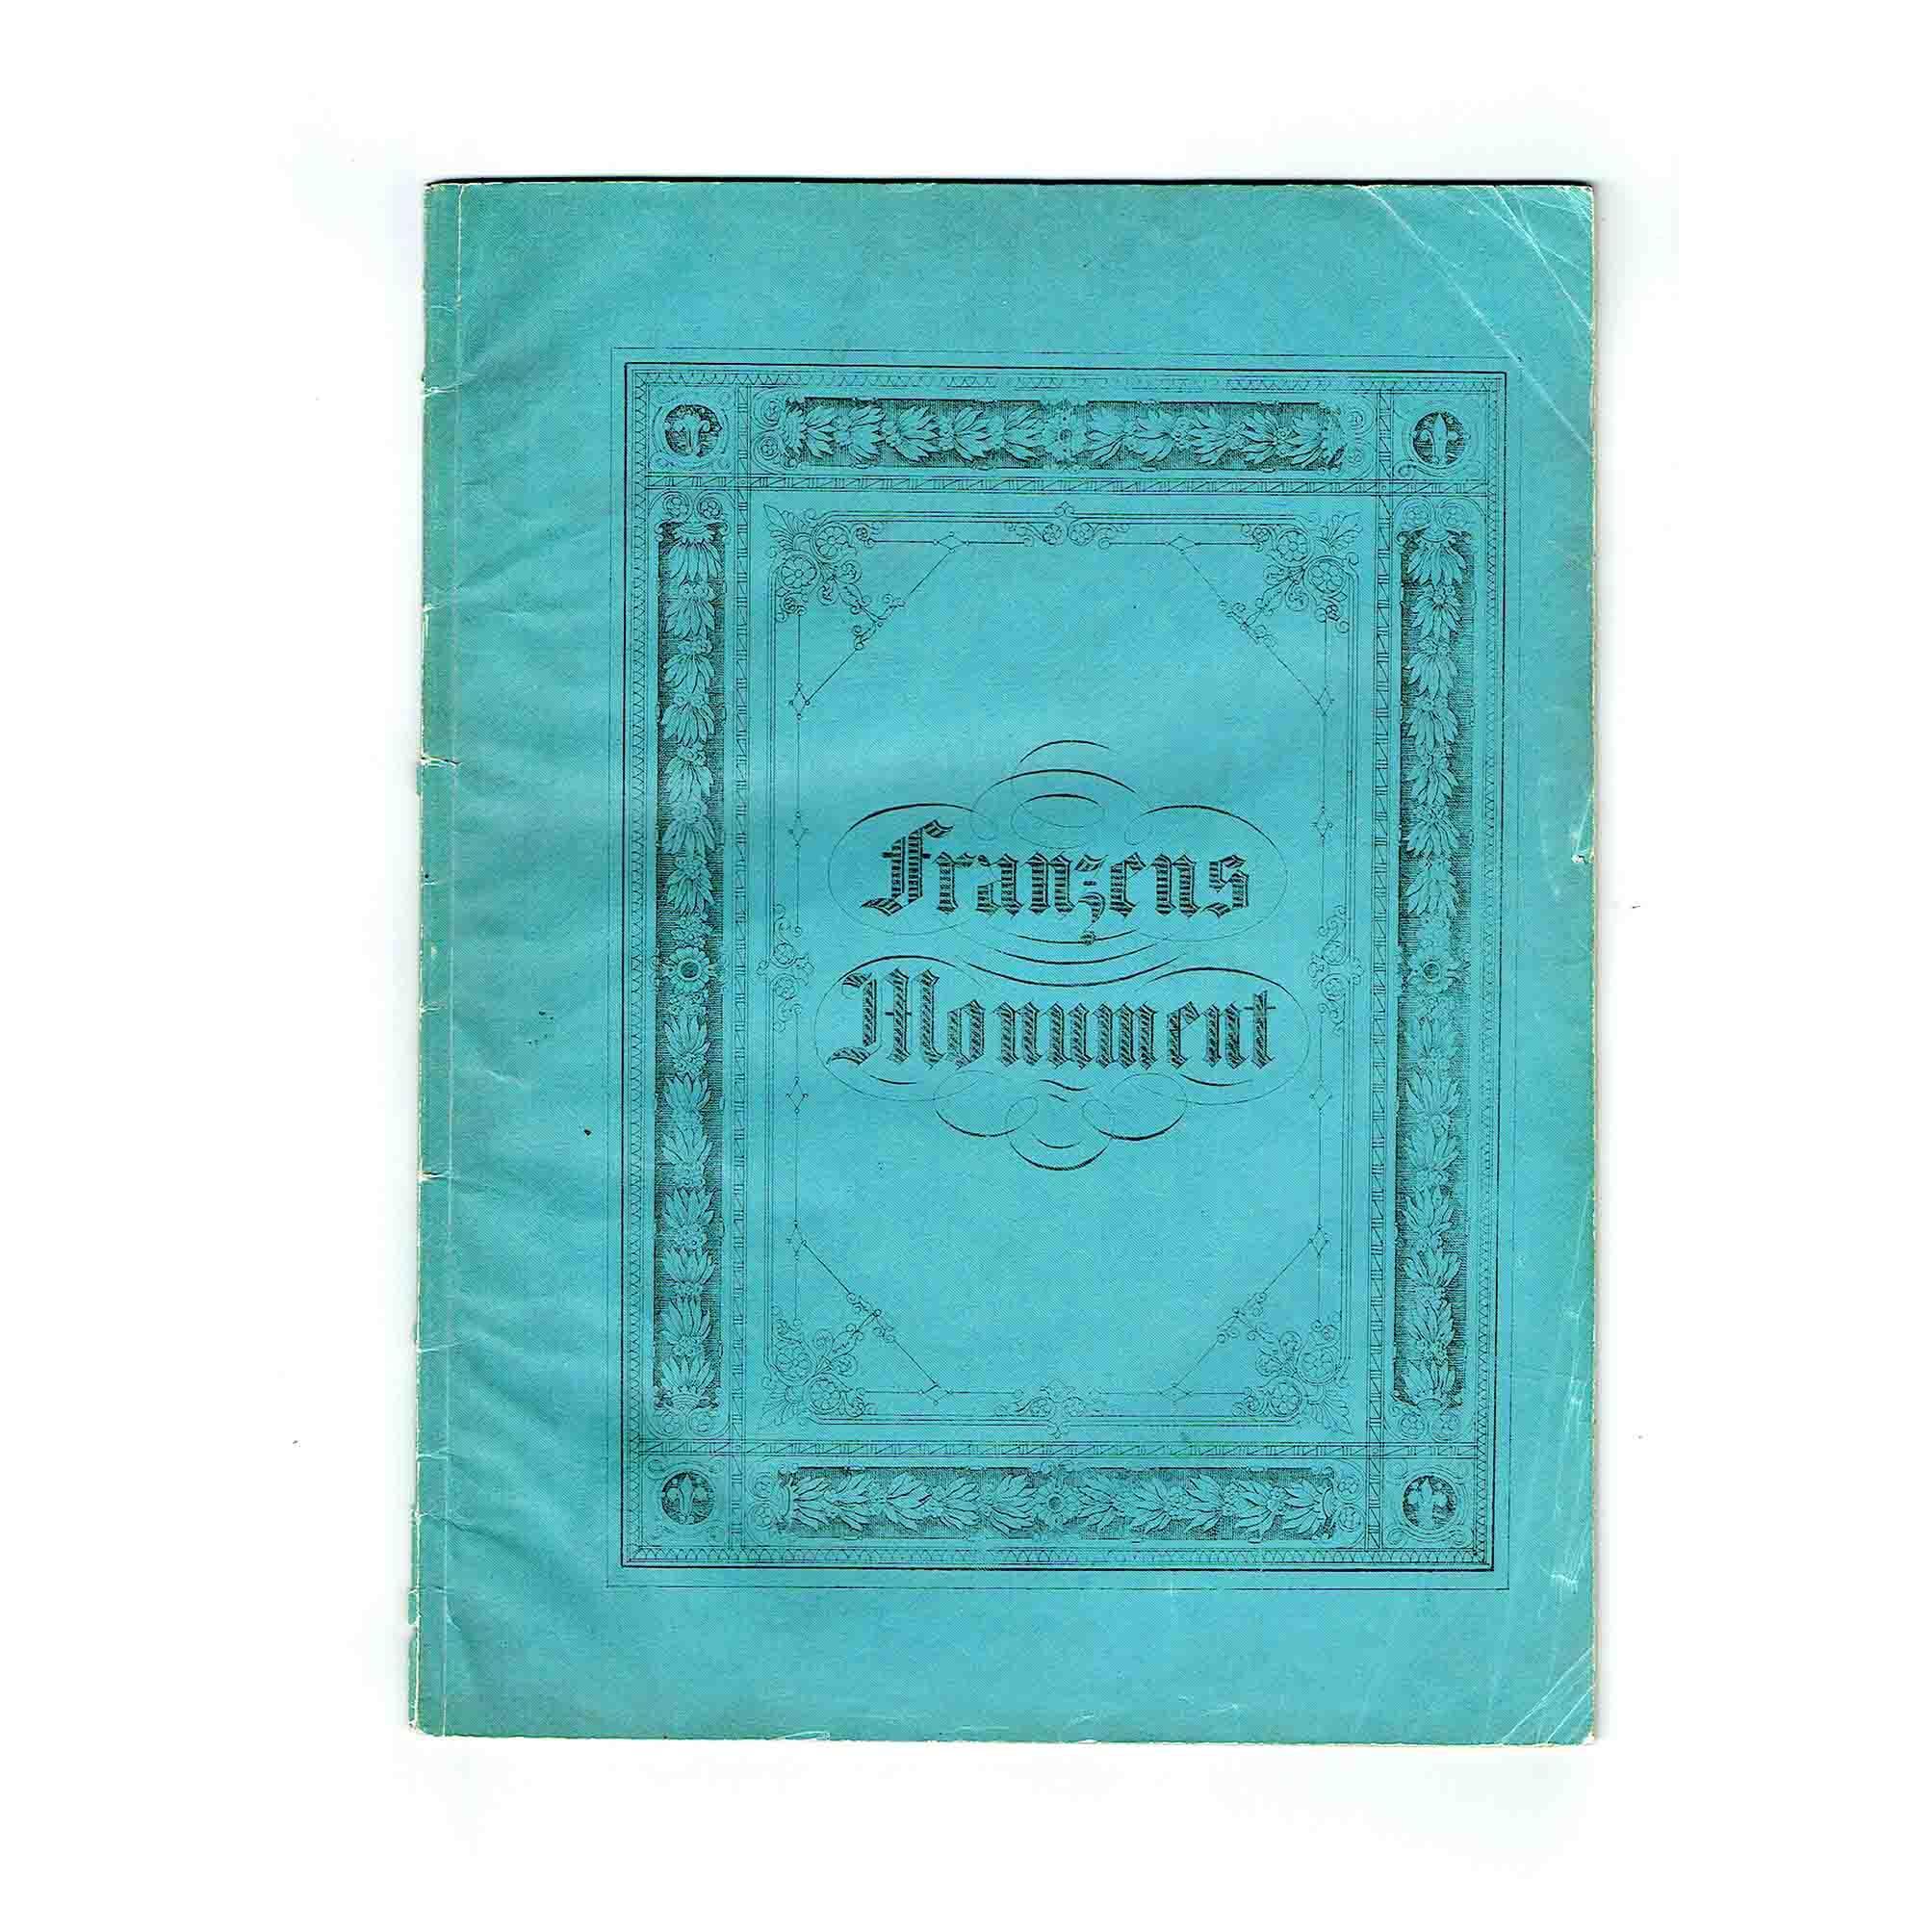 5677 Festschrift Franzensstatue Graz 1841 Umschlag vorne N